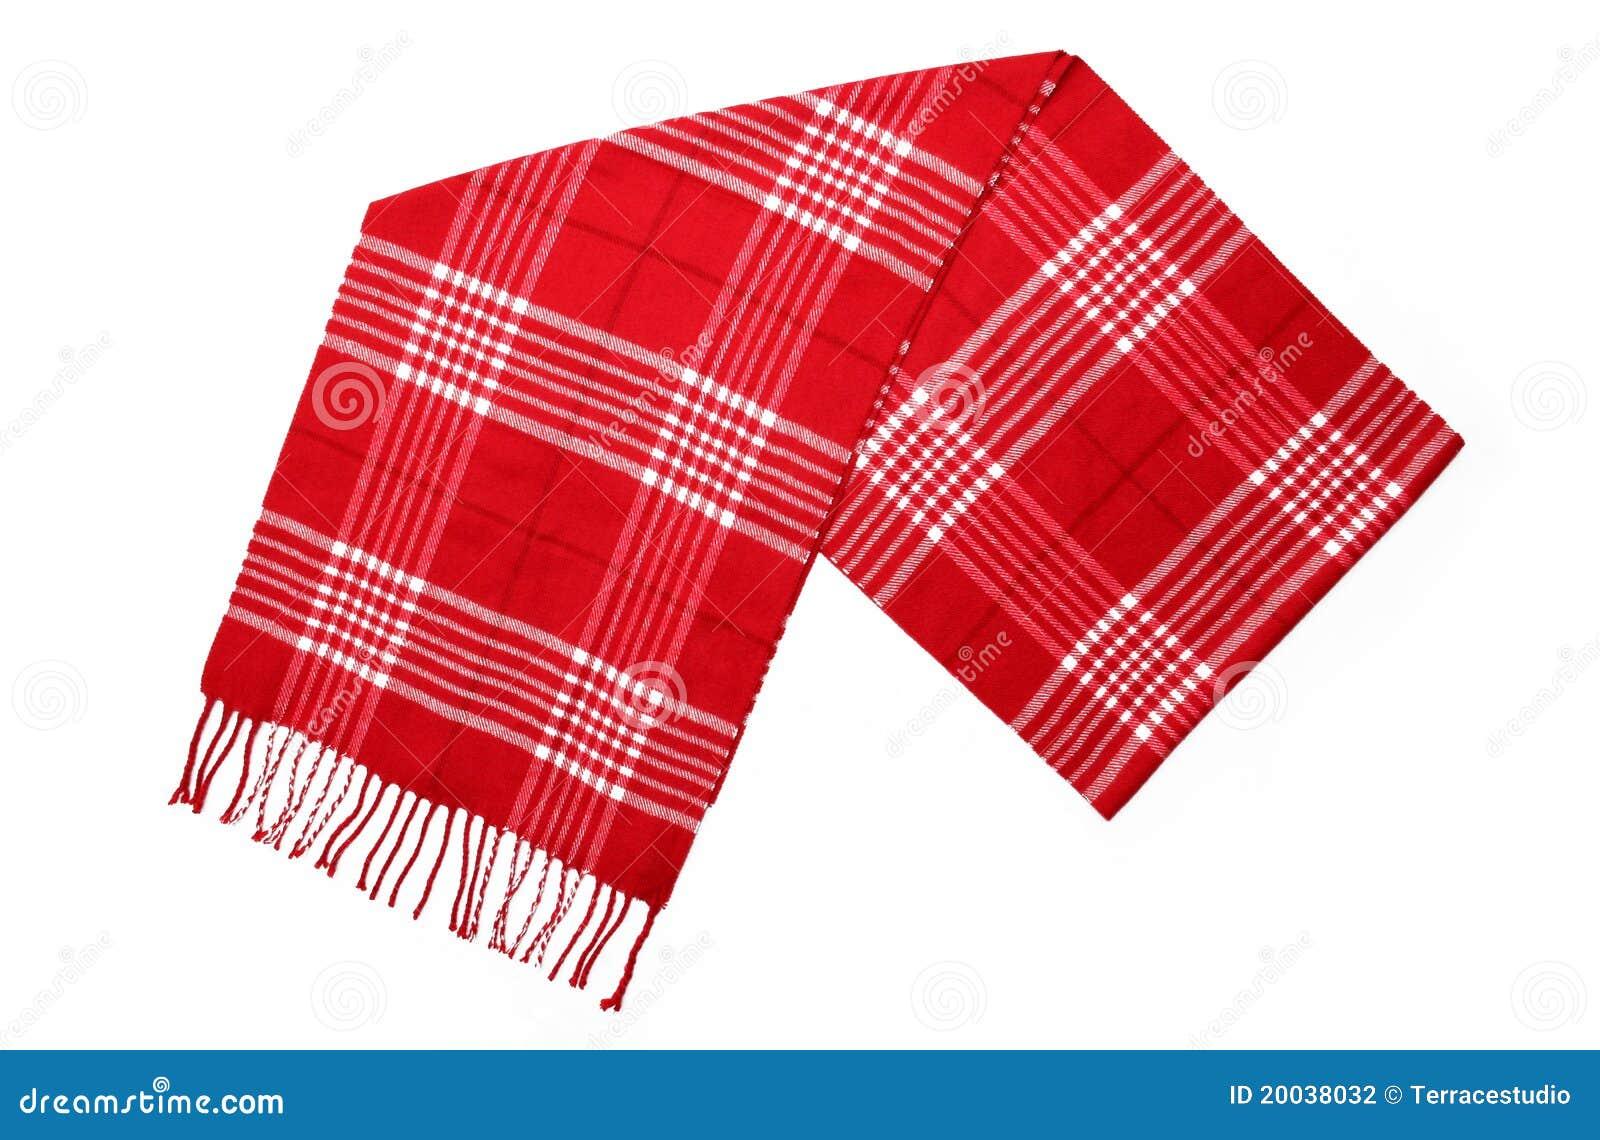 Écharpe rouge de plaid de laines unisexes de cachemire